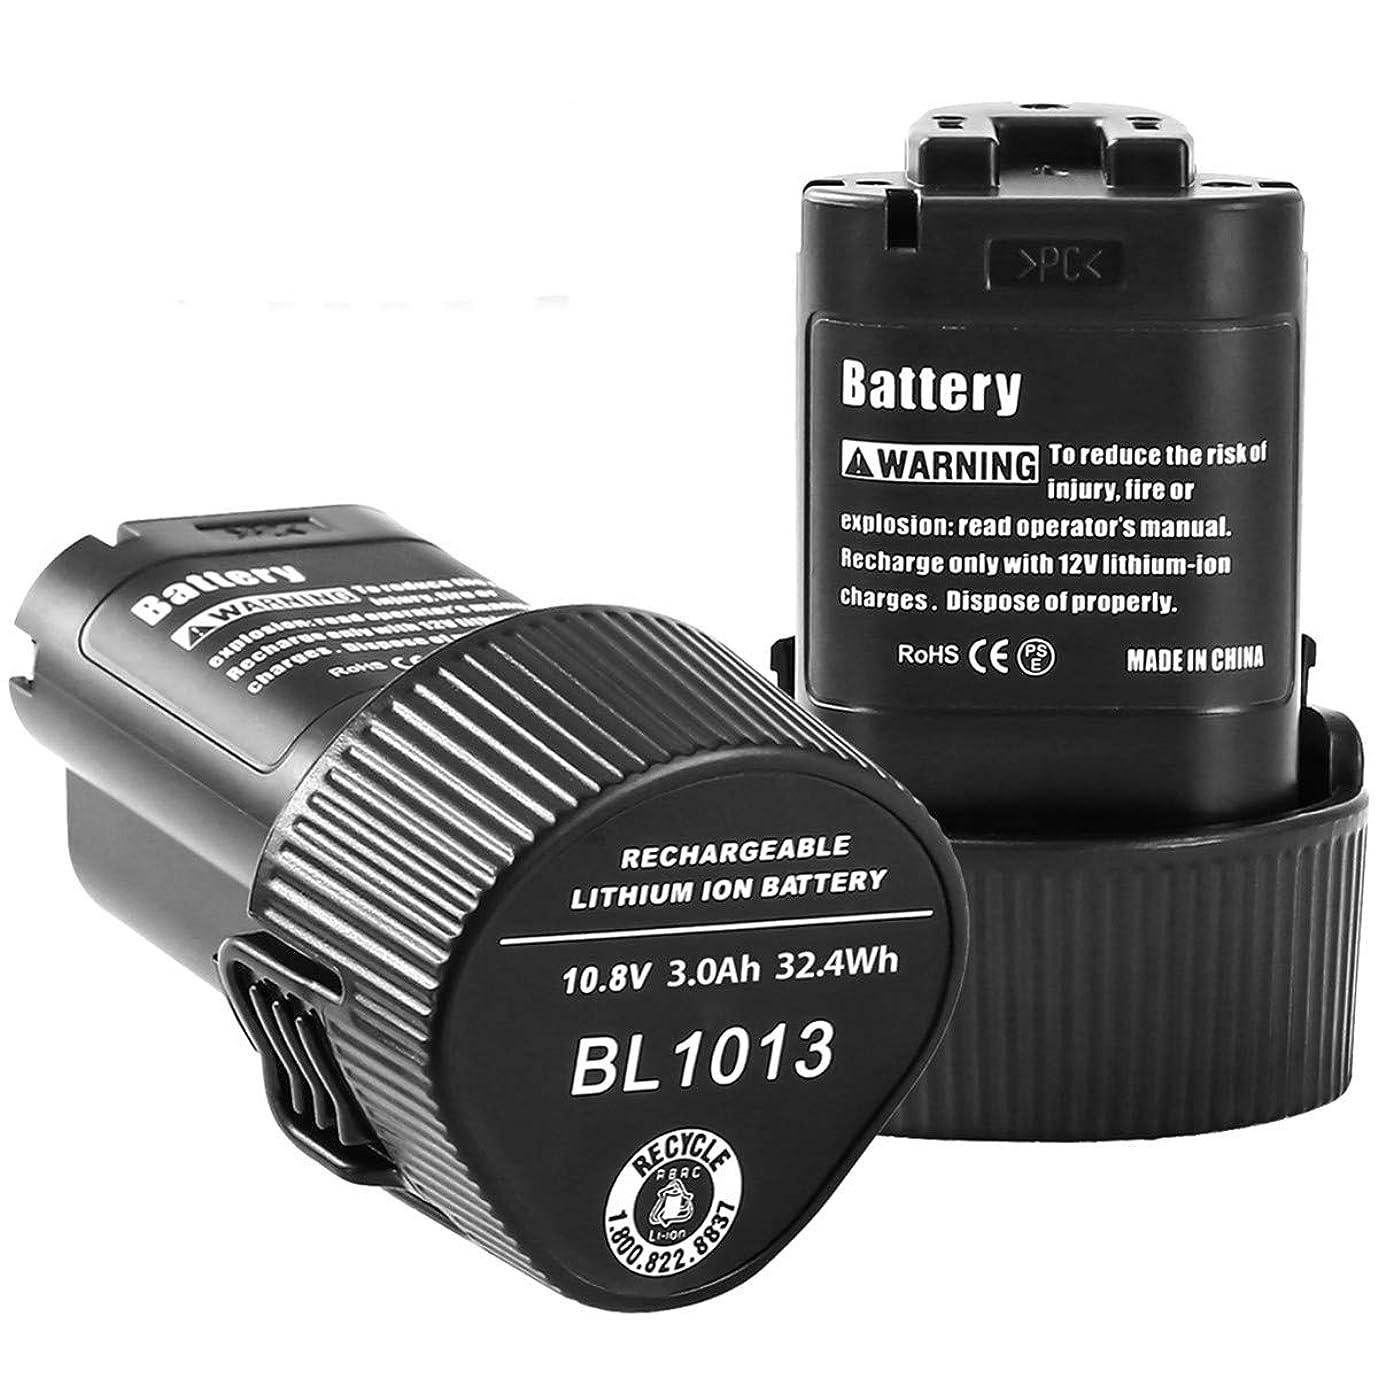 ペフ分岐する要求するGerit Batt bl1013 マキタ互換バッテリー マキタBL1013 マキタ 10.8v バッテリー マキタ10.8v マキタ バッテリー10.8v 大容量 3000mAh 【2個セット】BL1013 BL1014 194550-6 194551-4 DF030D DF330D TD090D 対応 3000mAh 互換品 一年保証付き